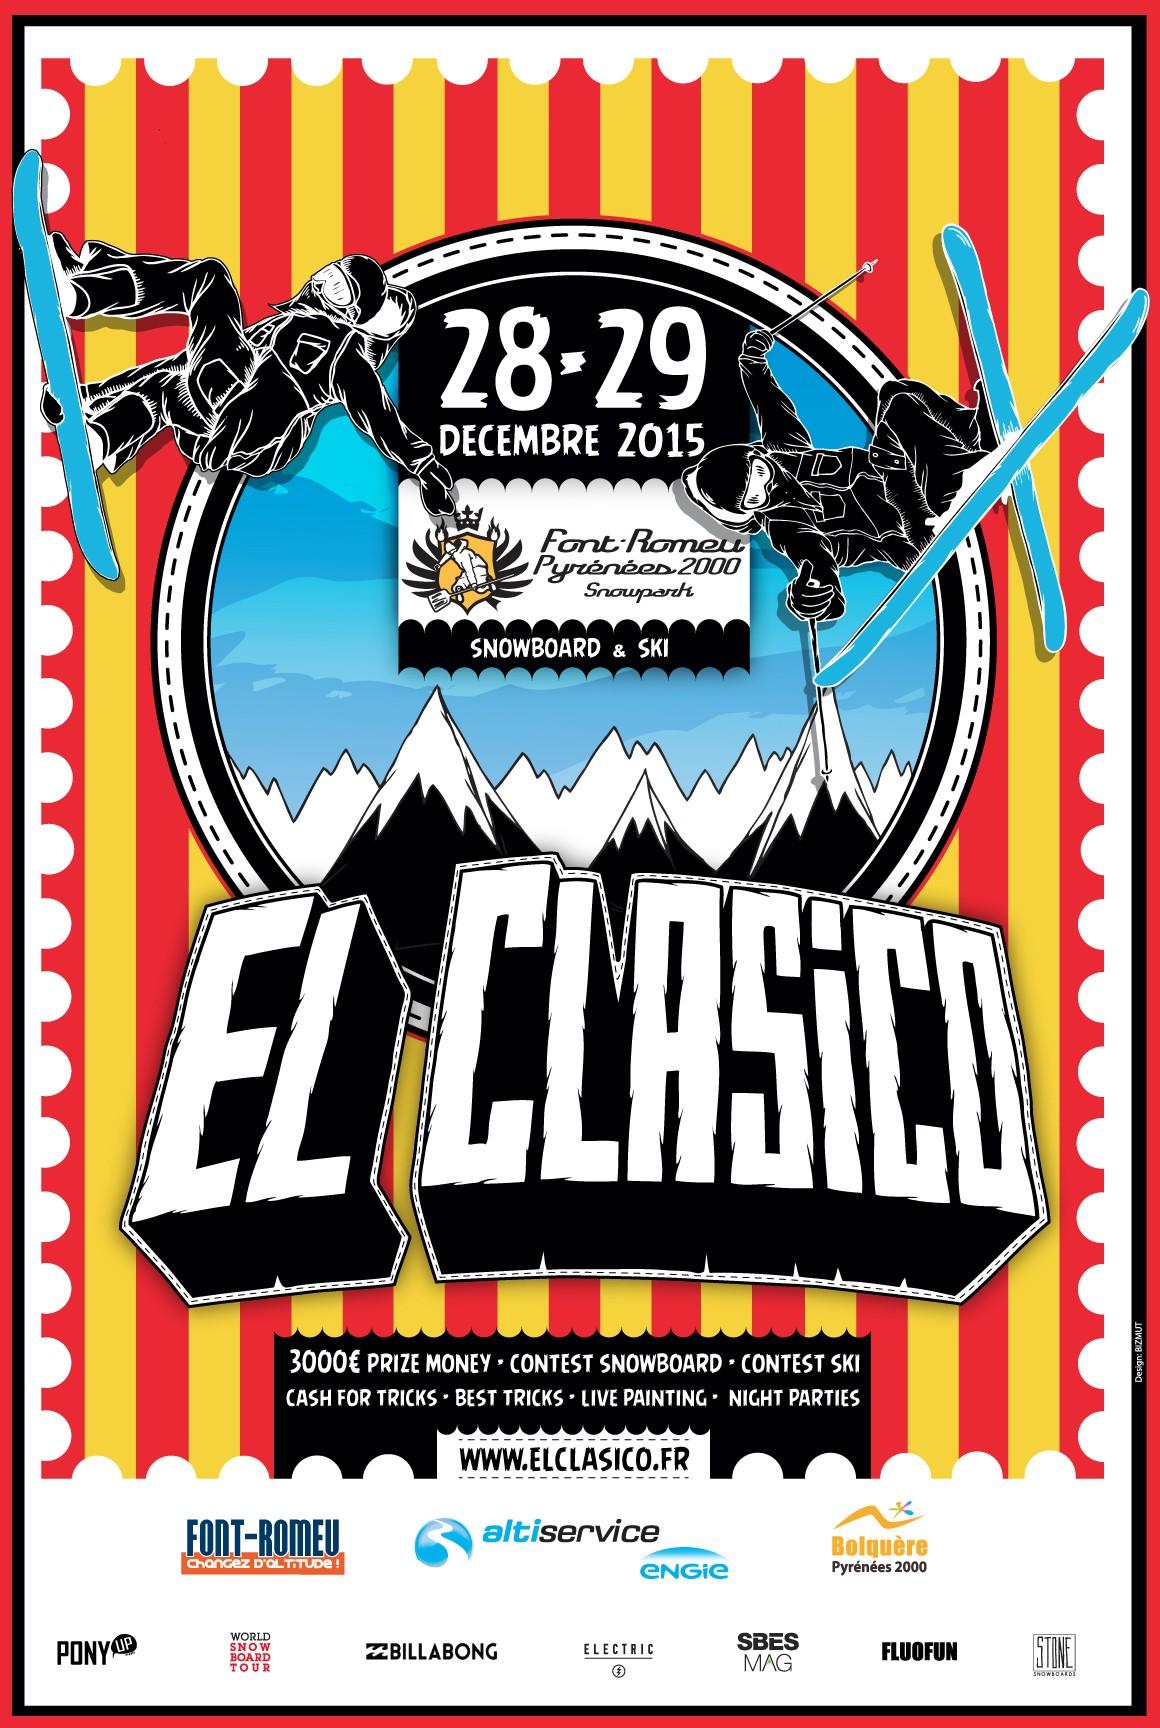 affiche el clasico-5 novembre